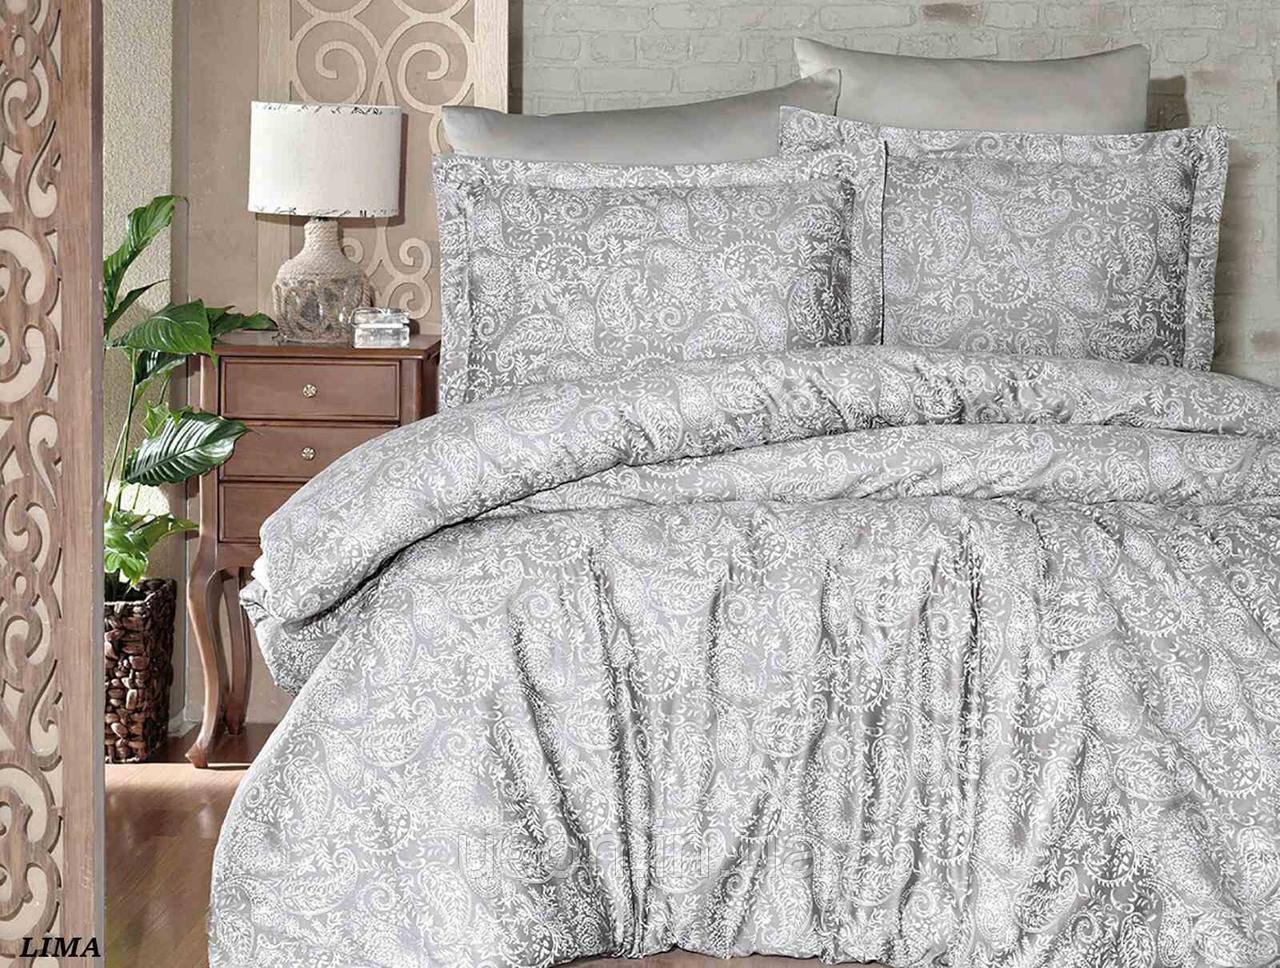 Комплект постельного белья сатин First Choice Lima